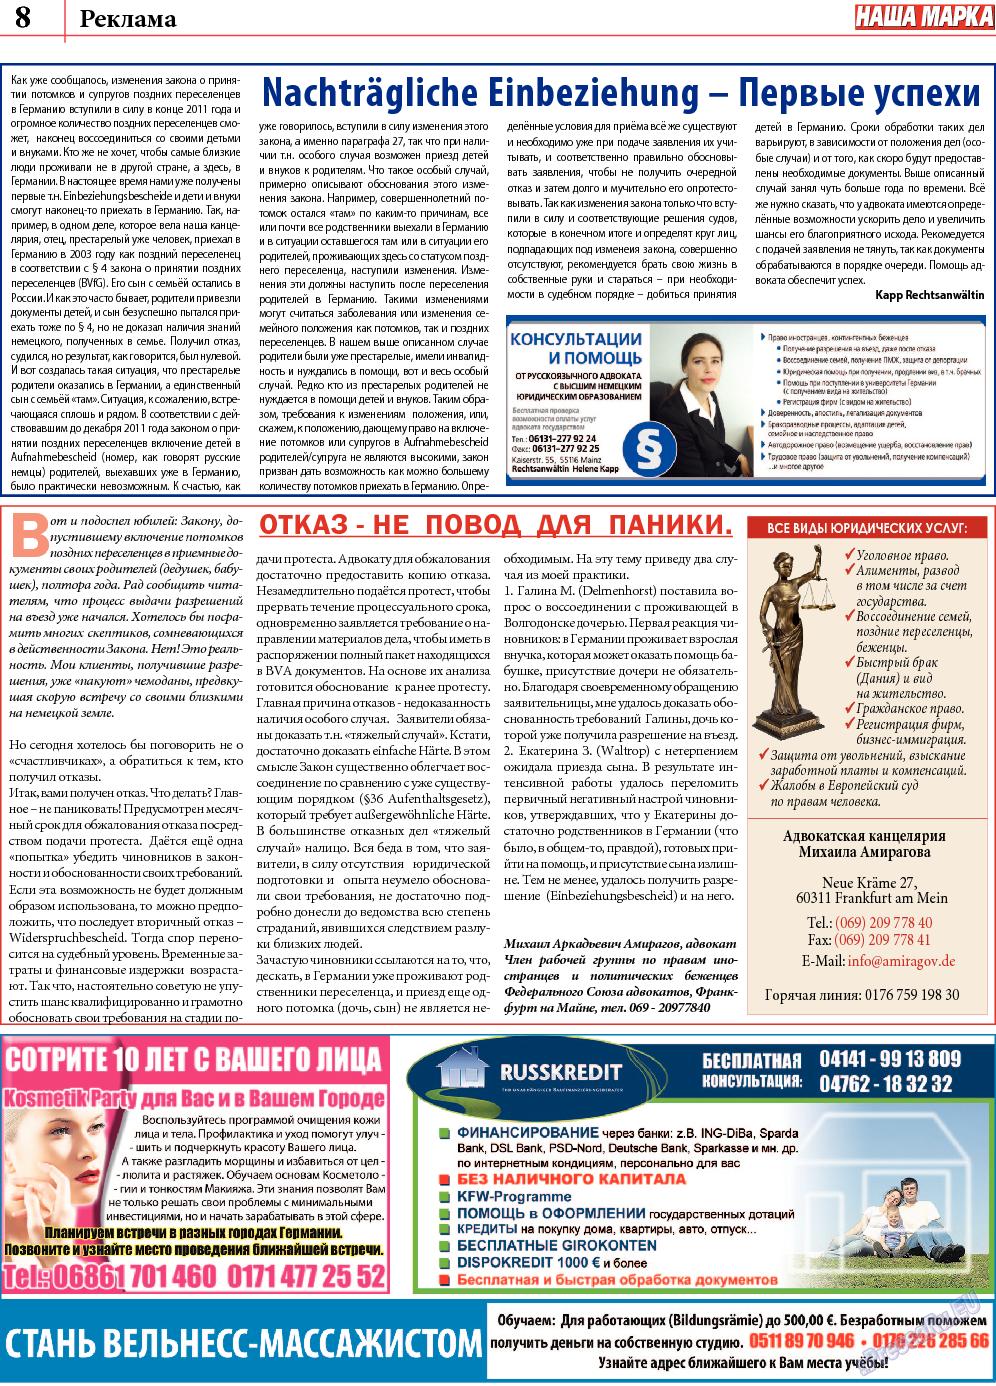 Наша марка (газета). 2013 год, номер 5, стр. 8